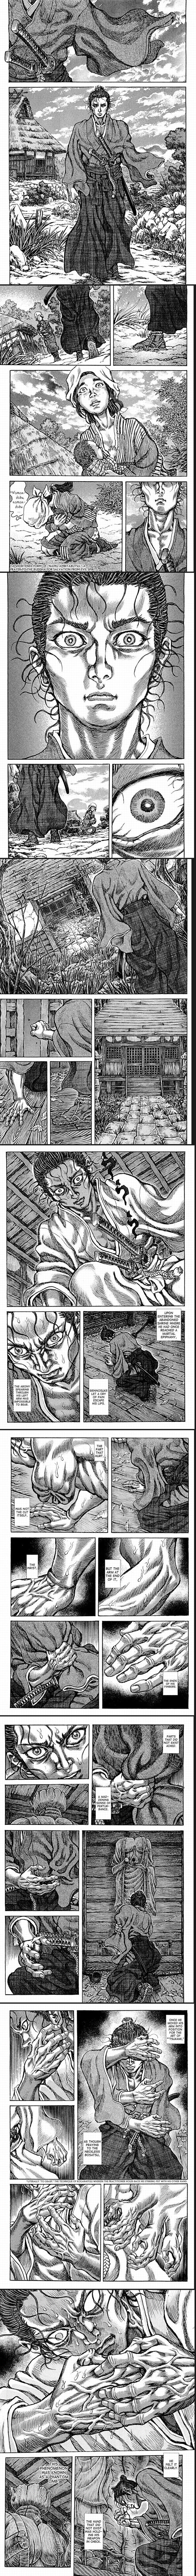 Phantom limb. Can you imagine his pain? source: Shigurui.. You rang? Shigurui samurai amputation